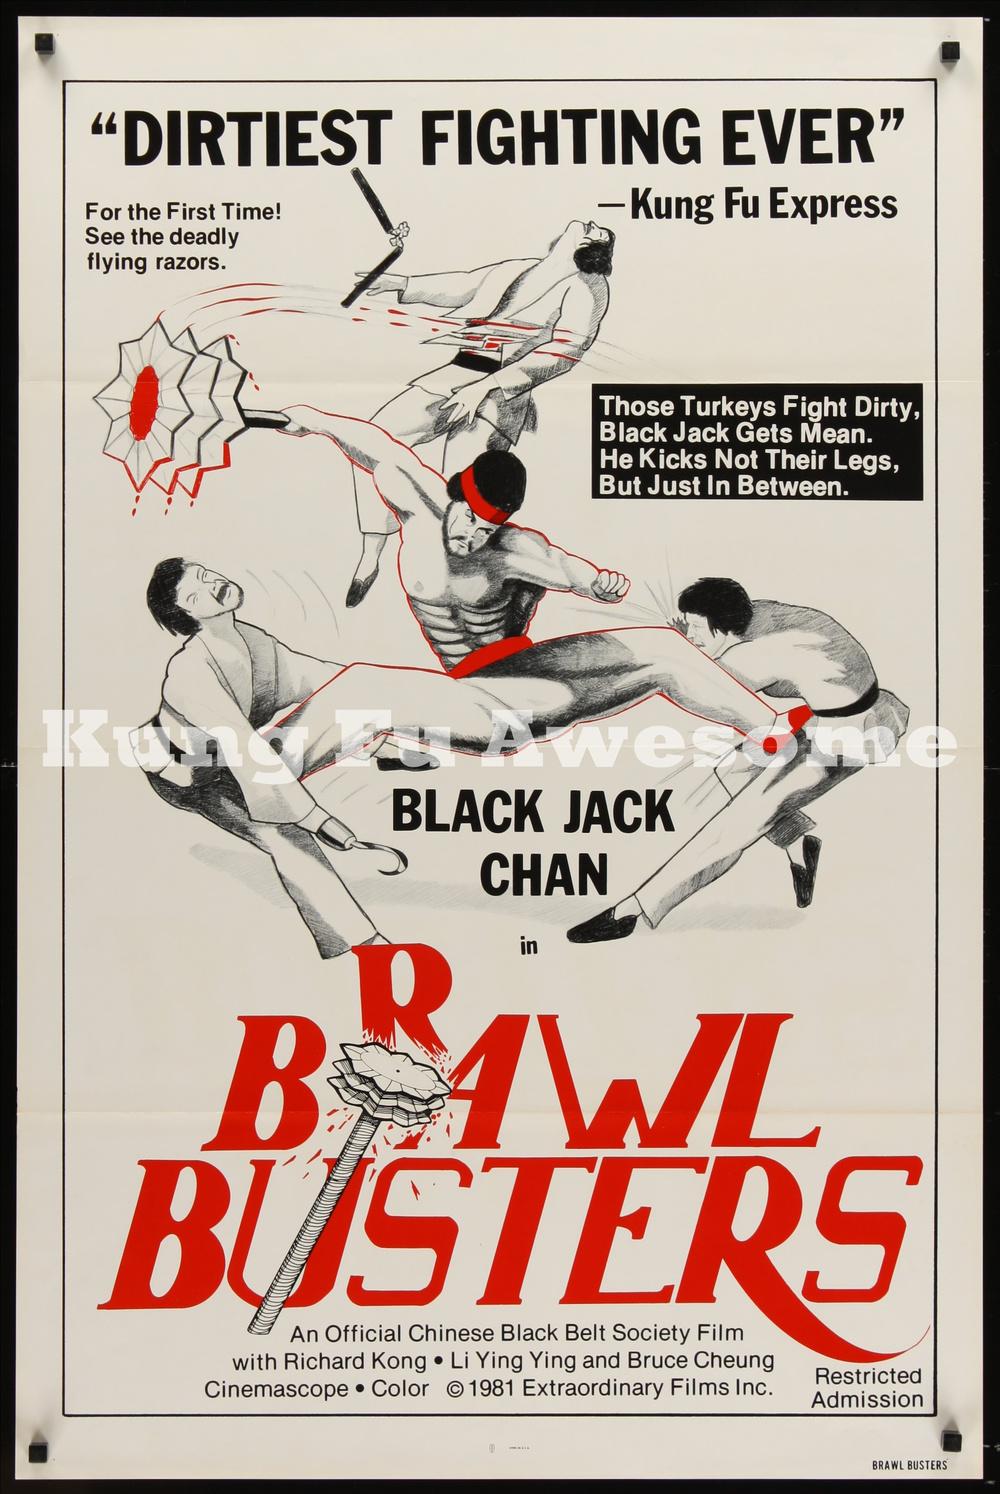 brawl_busters_NZ03736_L.jpg